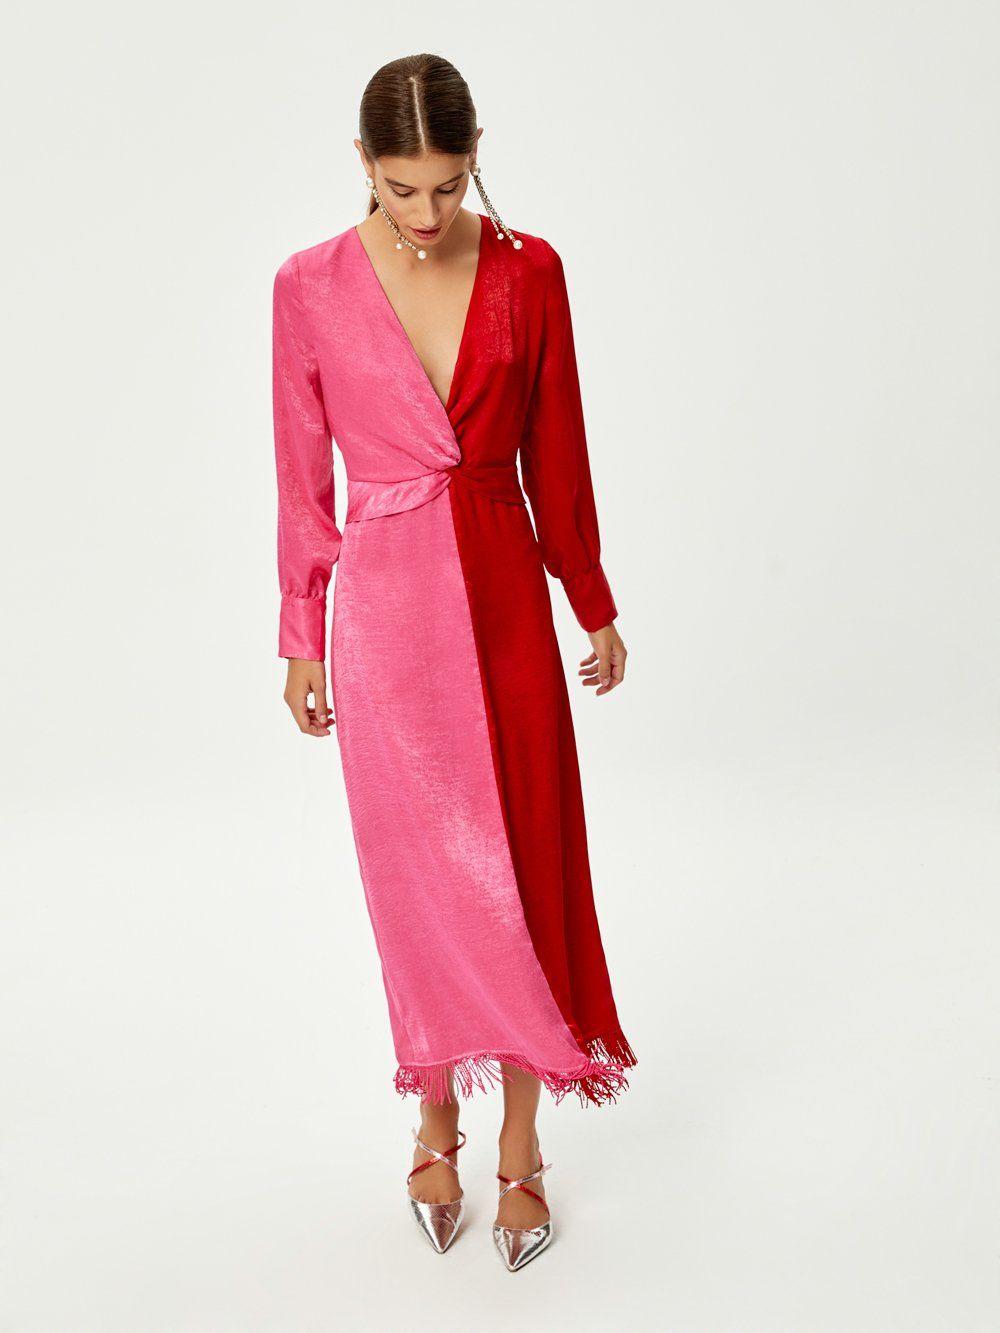 mas fiable tienda de liquidación nueva apariencia 32 vestidos de invitada de boda de firma española que están ...